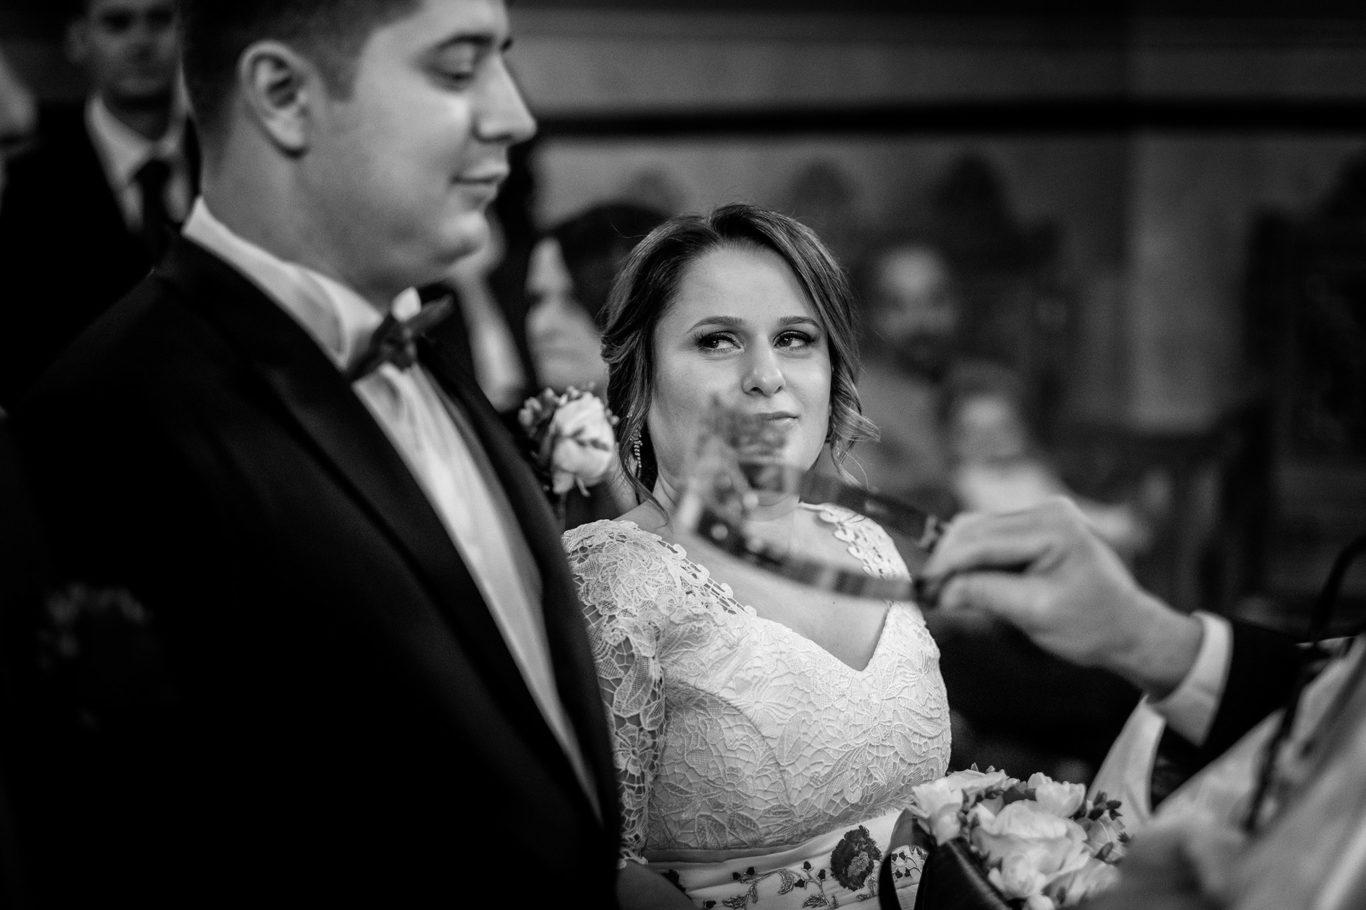 0098-Fotografie-nunta-Flory-Cristi-fotograf-Ciprian-Dumitrescu-DSCF7632